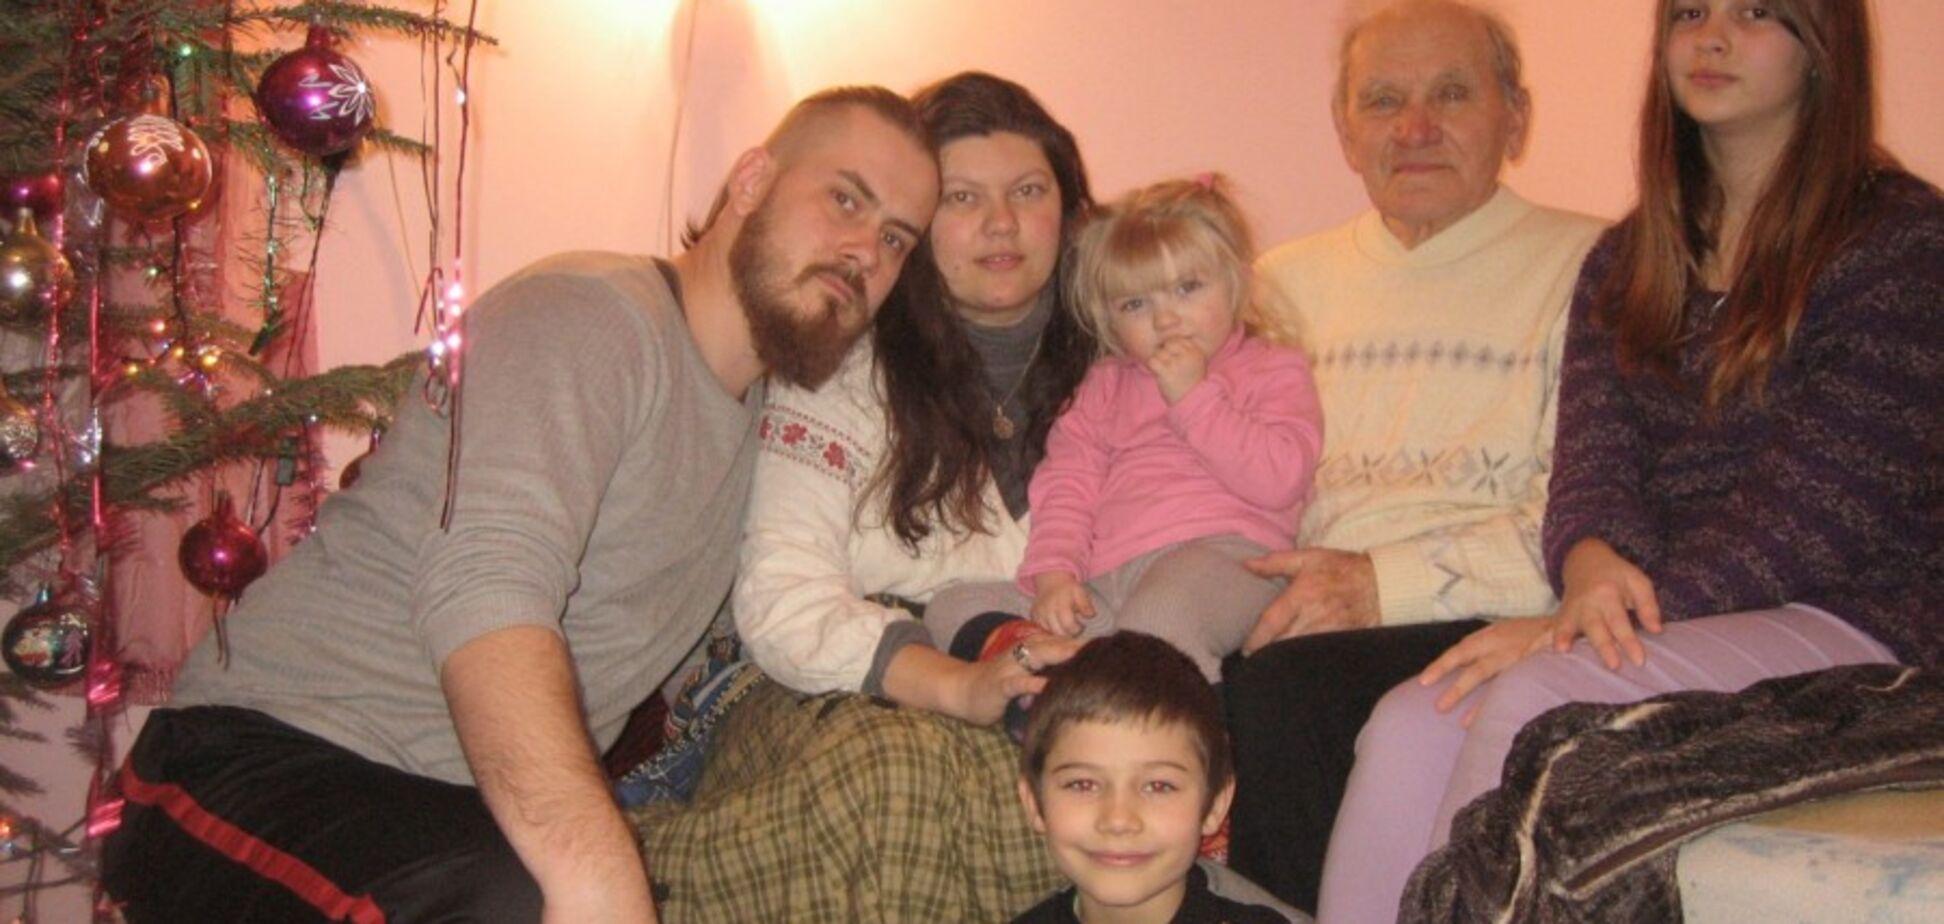 Страшна загибель сім'ї в Івано-Франківську: з'явилися подробиці та фото дітей